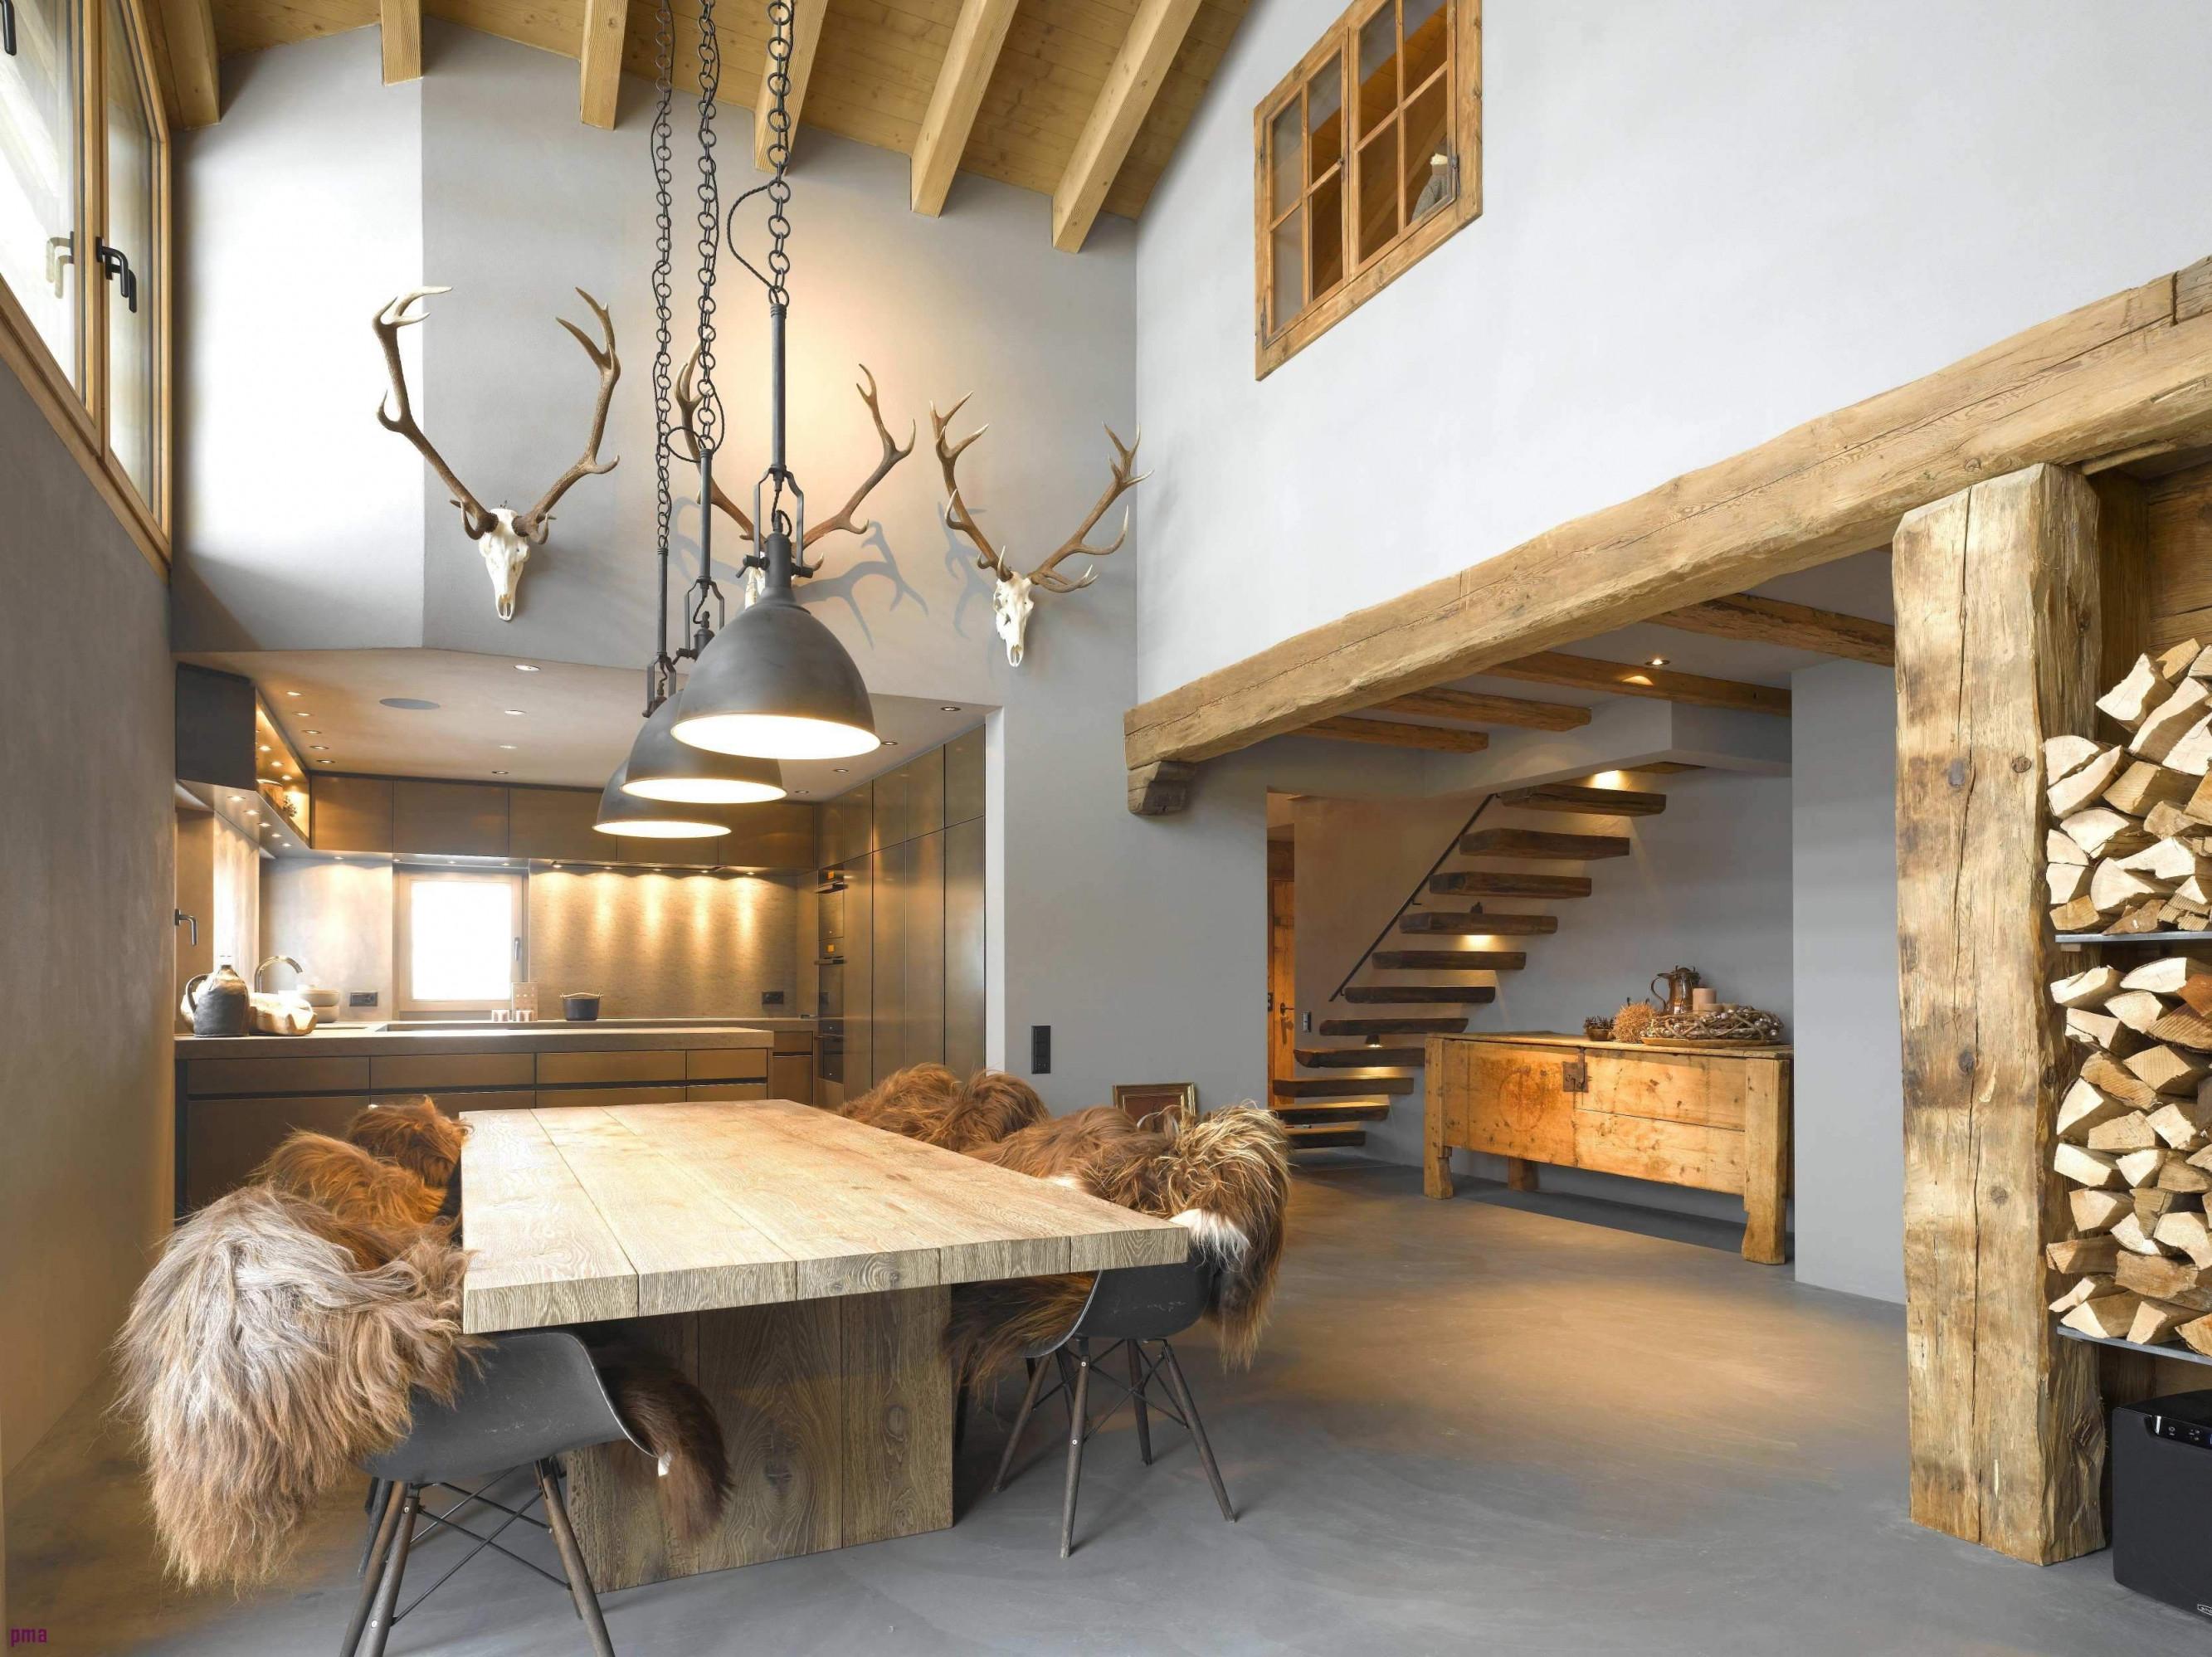 Wanddeko Wohnzimmer Holz Einzigartig 53 Frisch von Wanddeko Wohnzimmer Bilder Photo